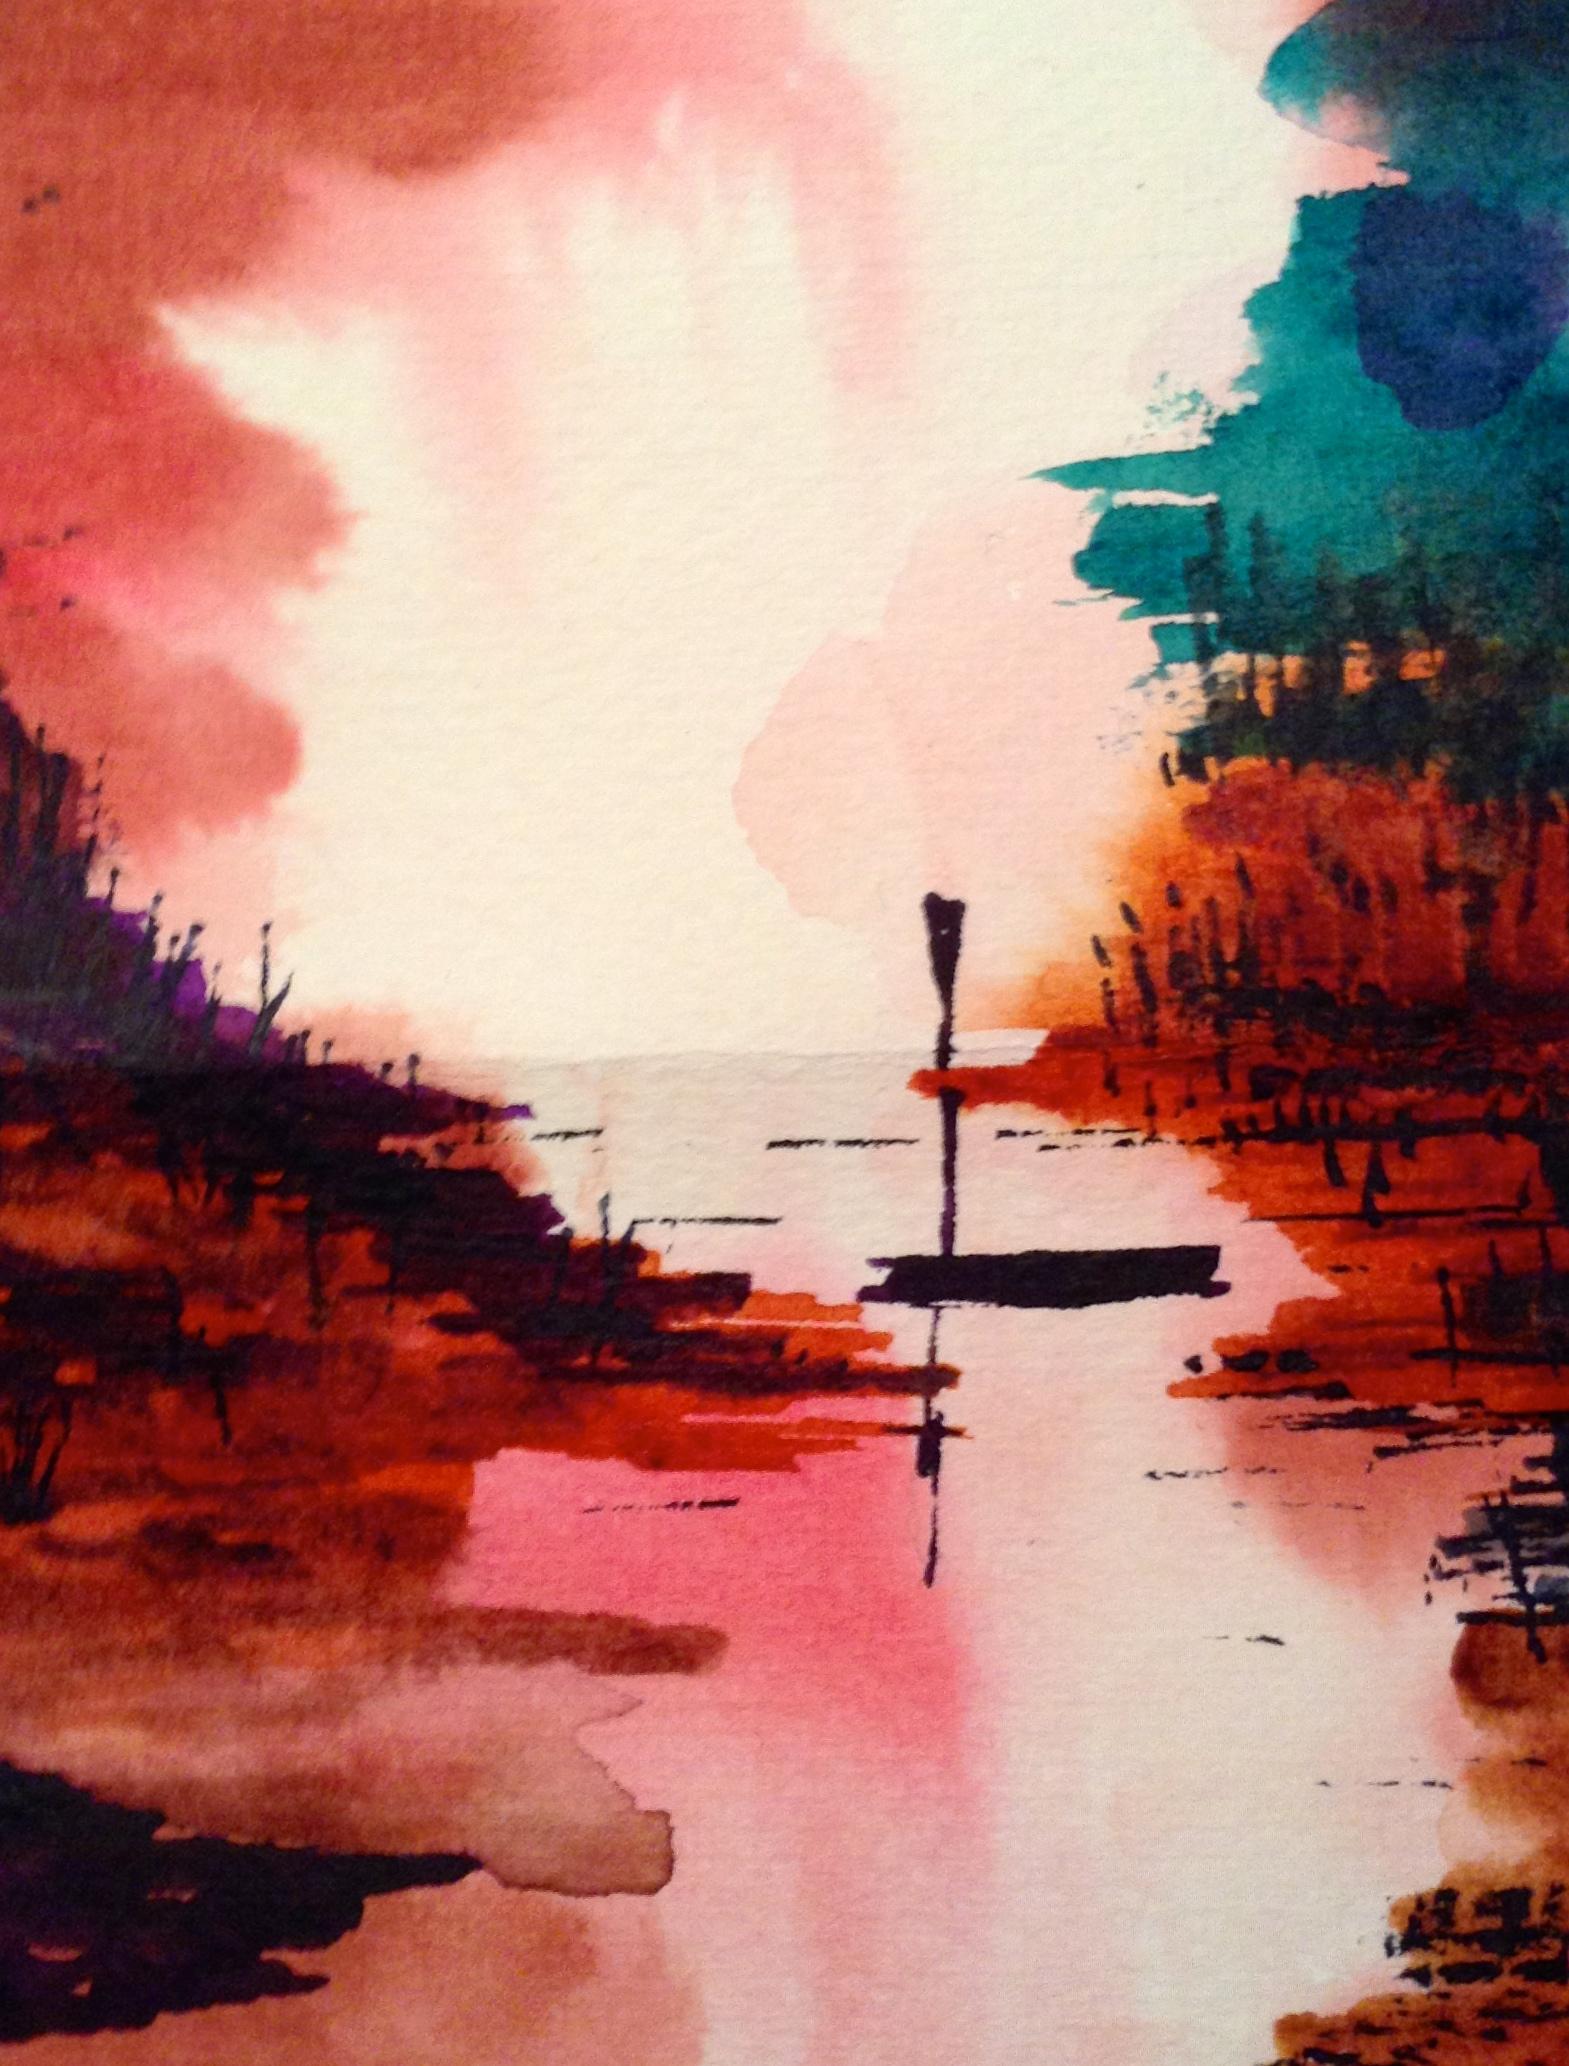 Abstract Bay 2014